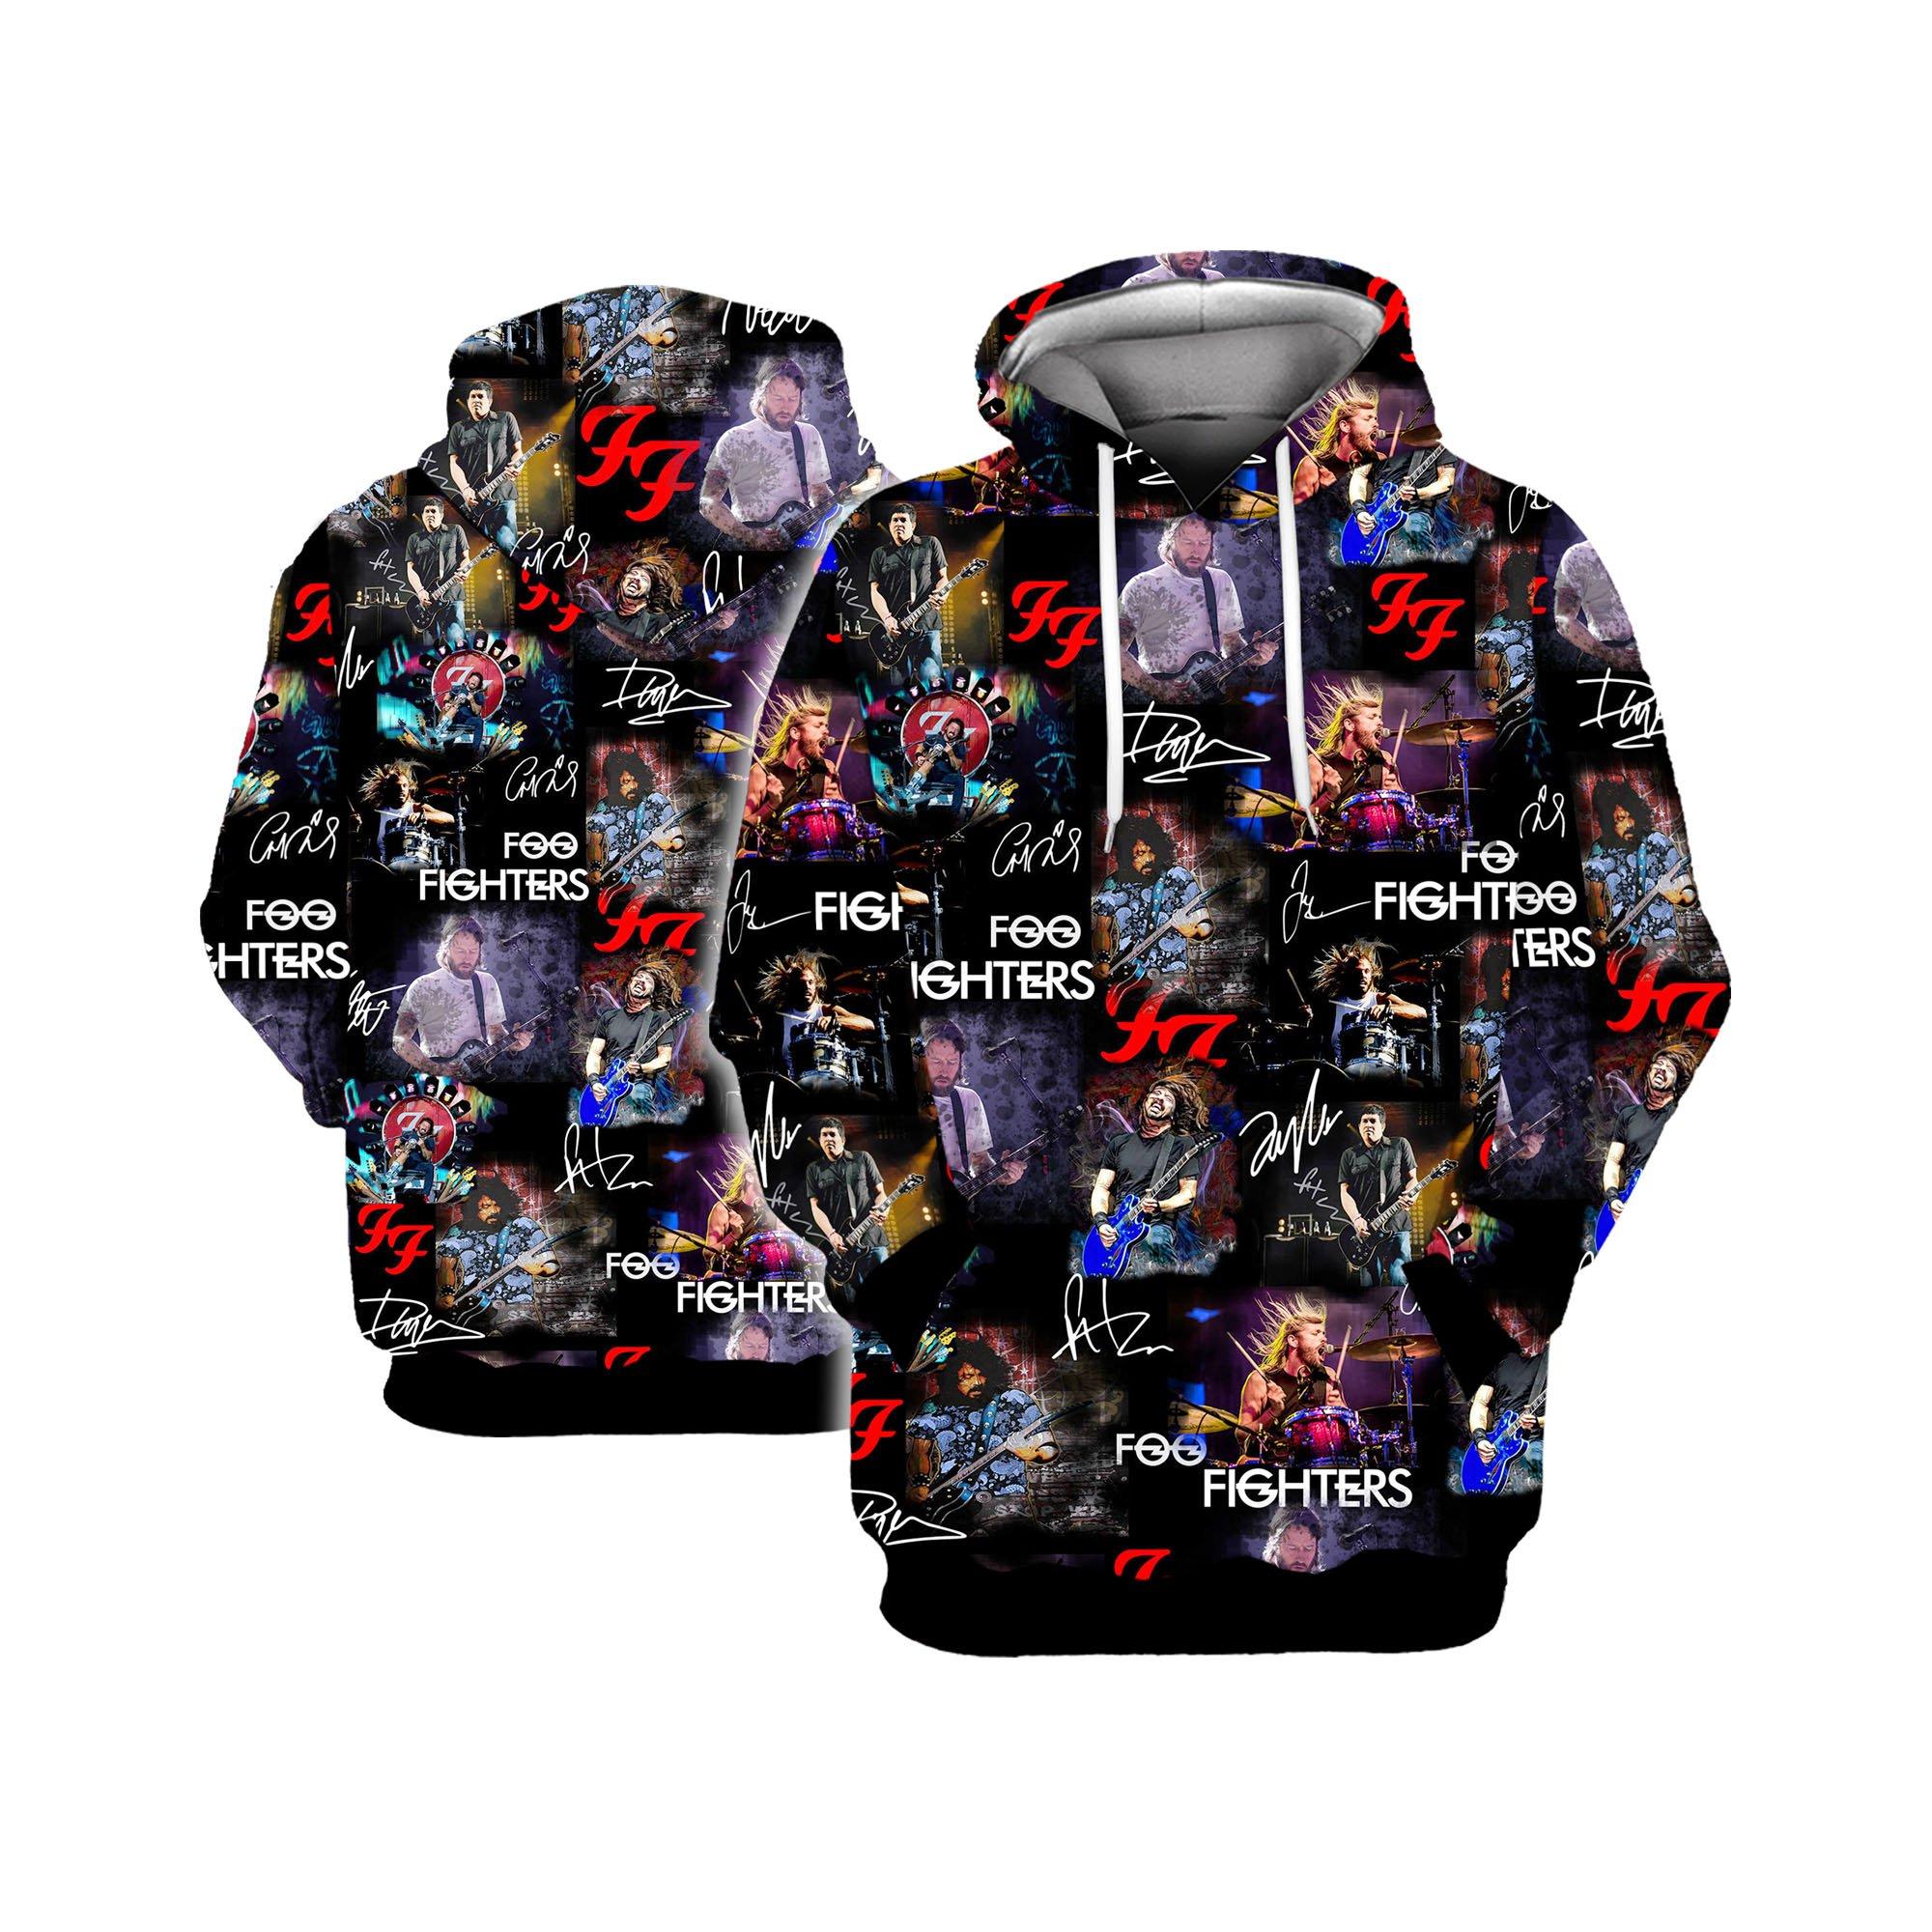 Foo fighters all over printed hawaiian hoodie